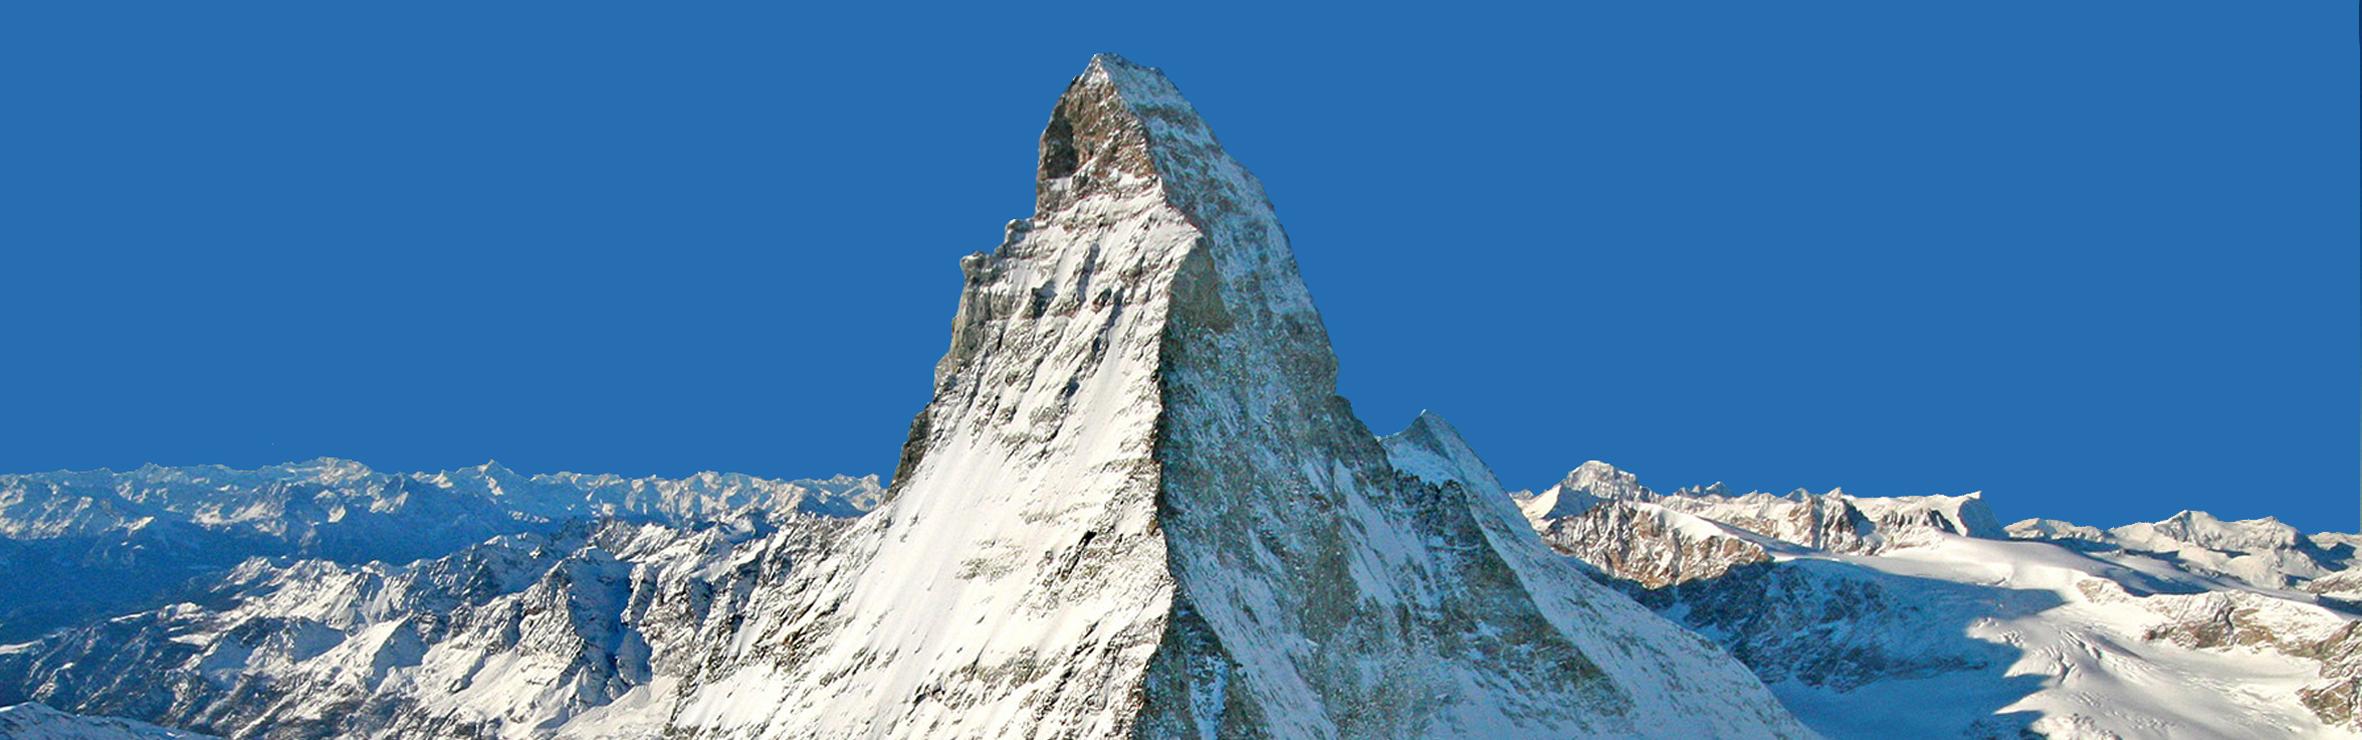 Matterhorn purjpg